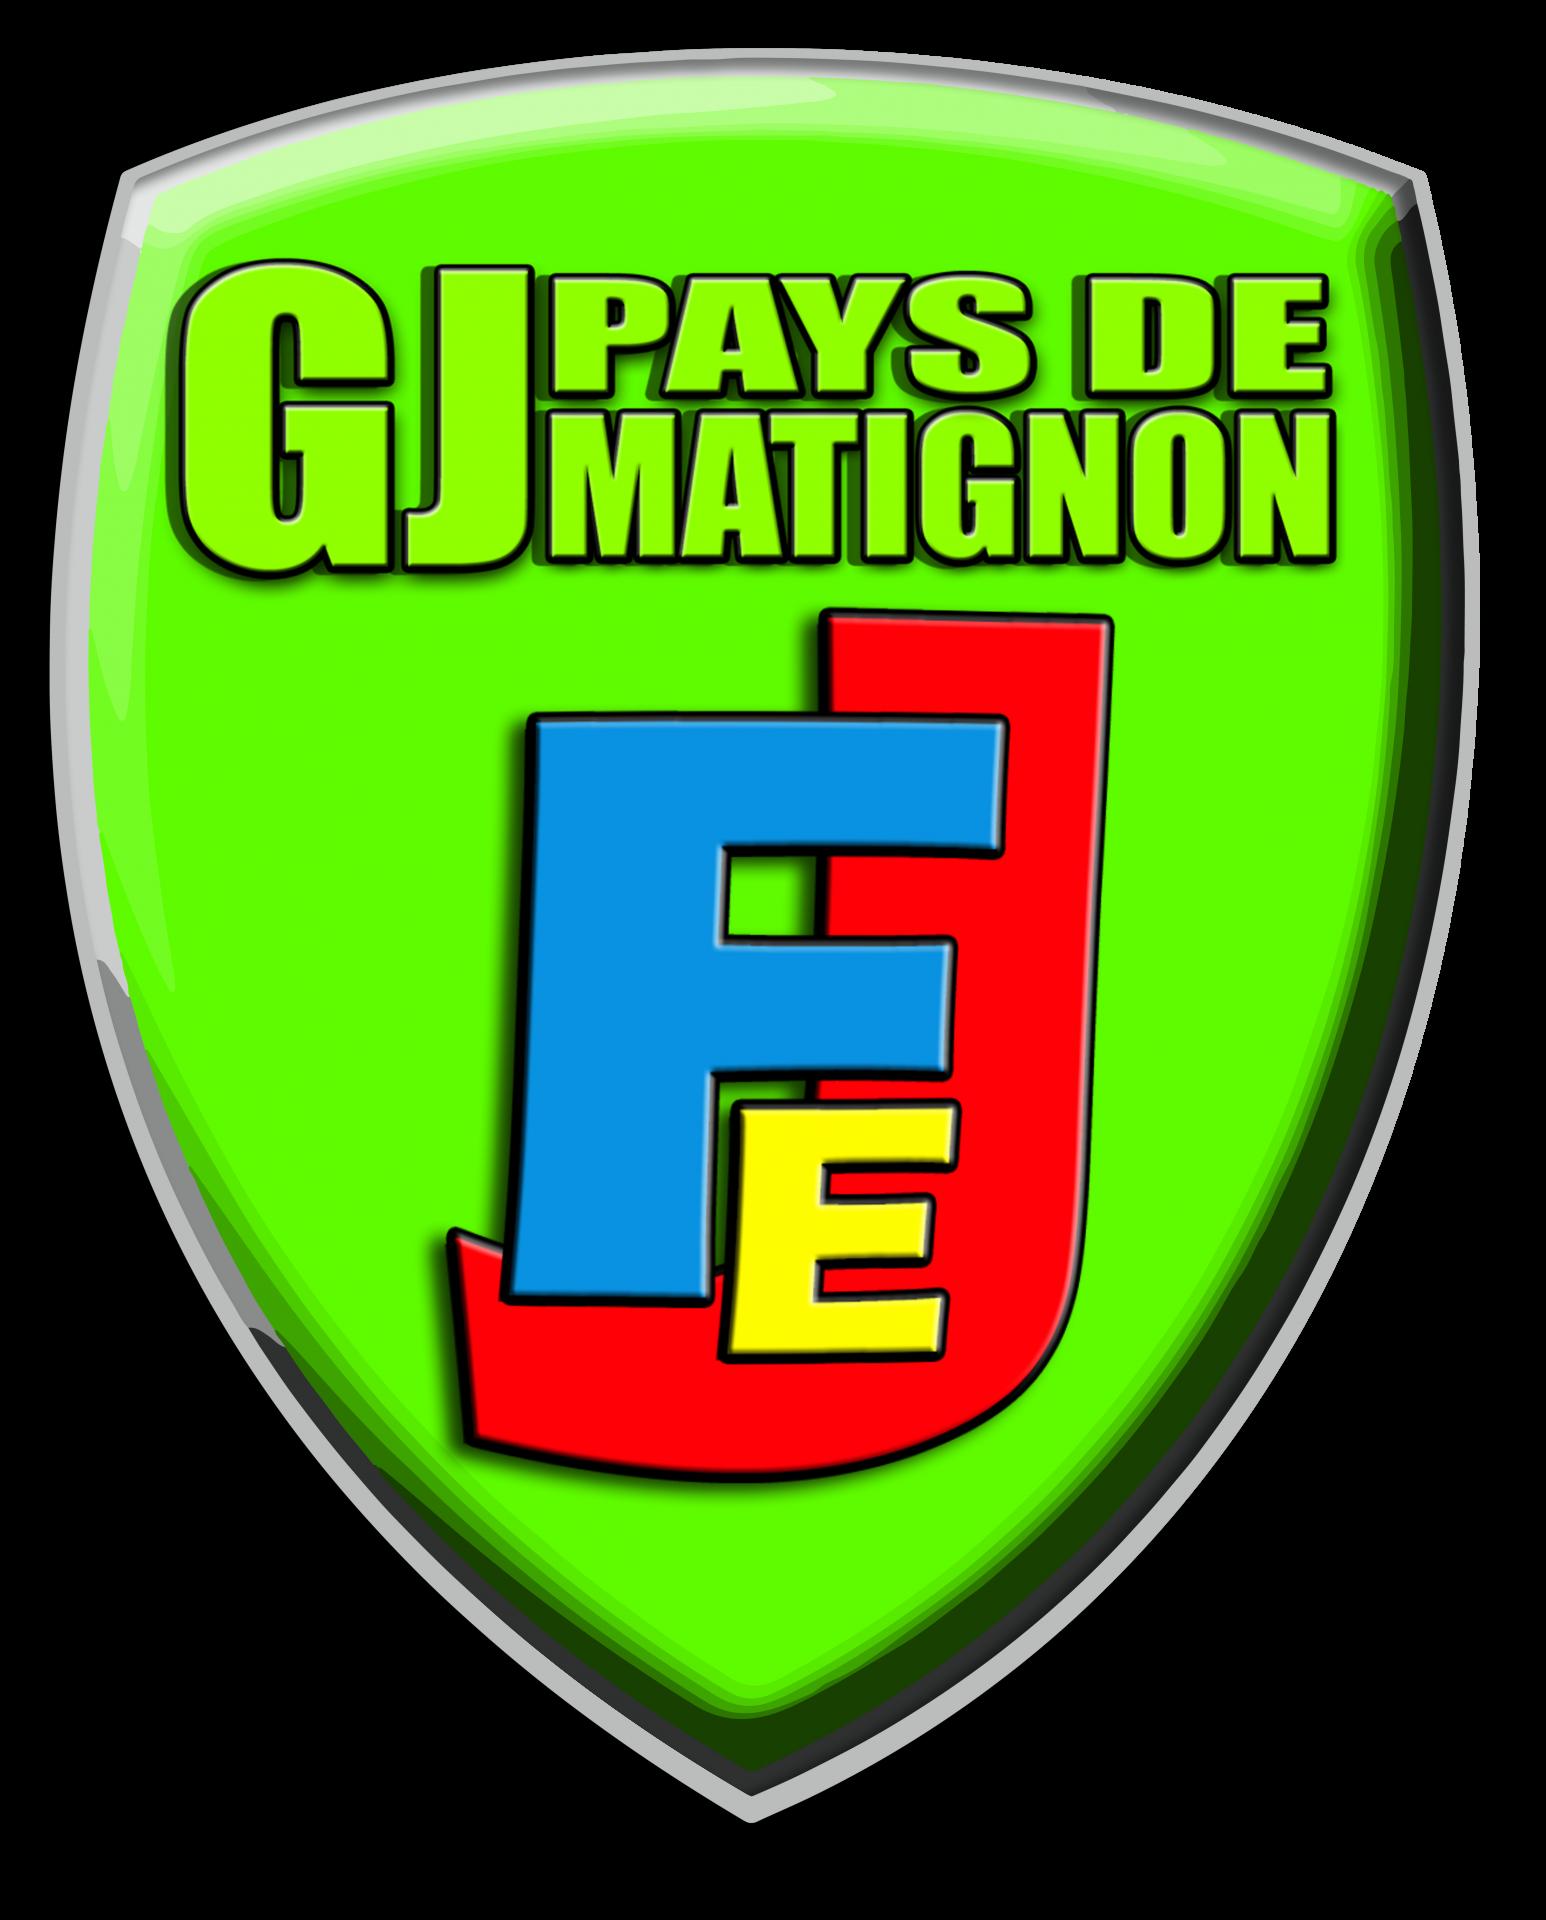 GJ Pays de Matignon